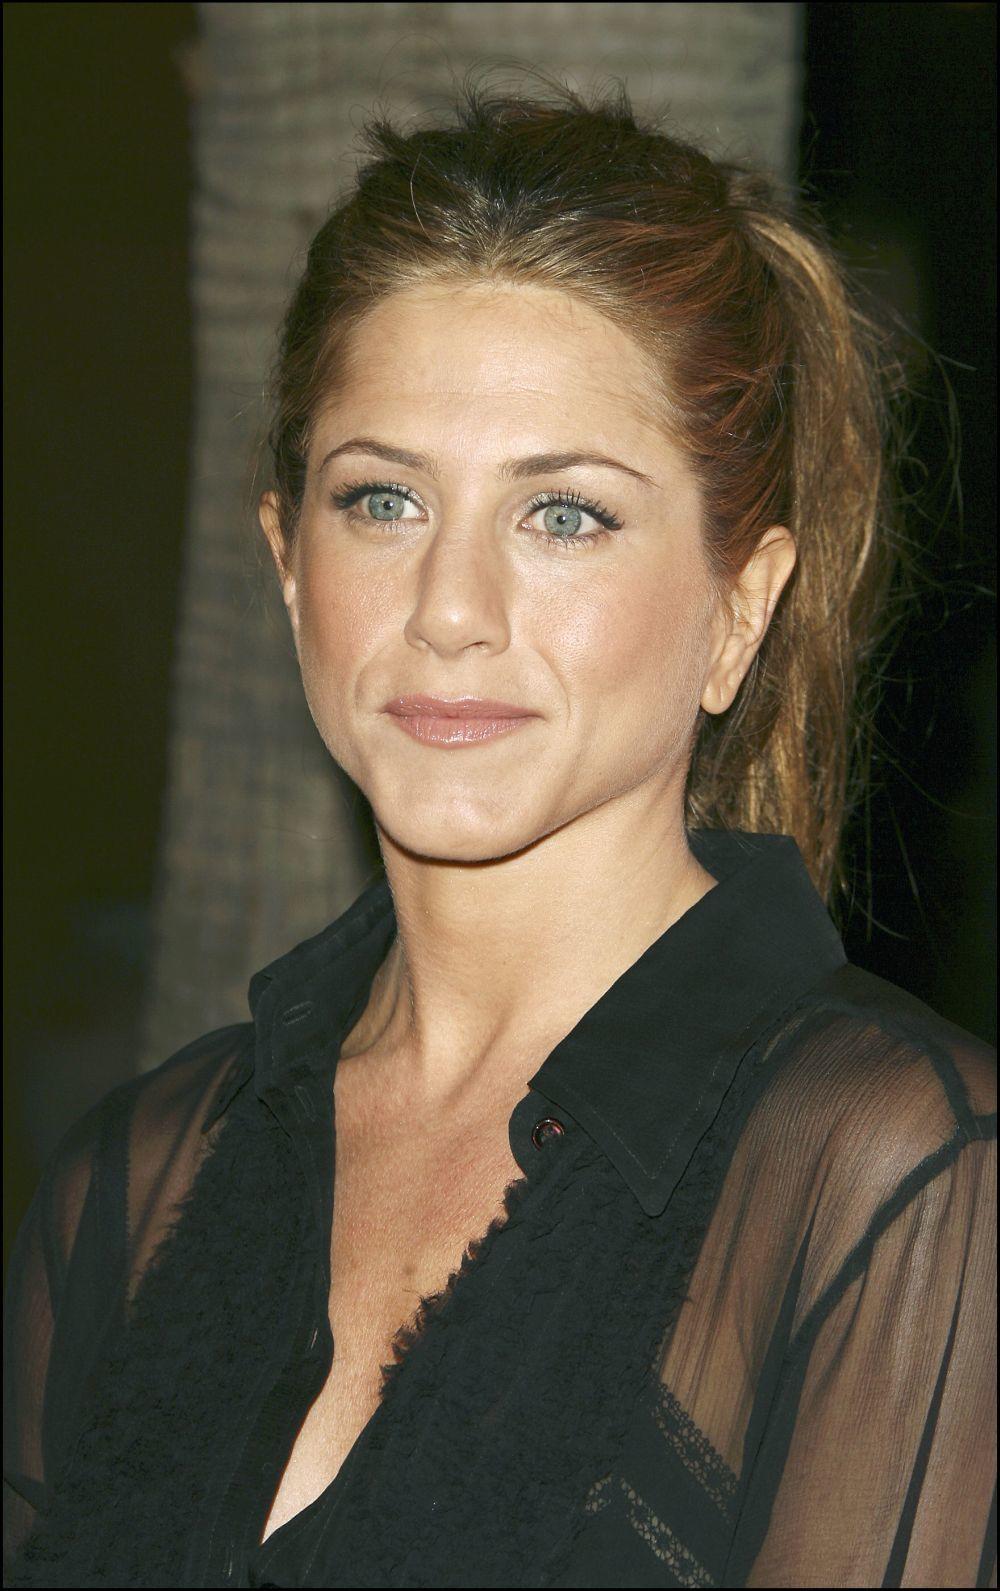 La coleta minimal y sin esfuerzo es otro de los peinados favoritos de Jennifer Aniston. Para ella, menos es más a la hora de peinarse.